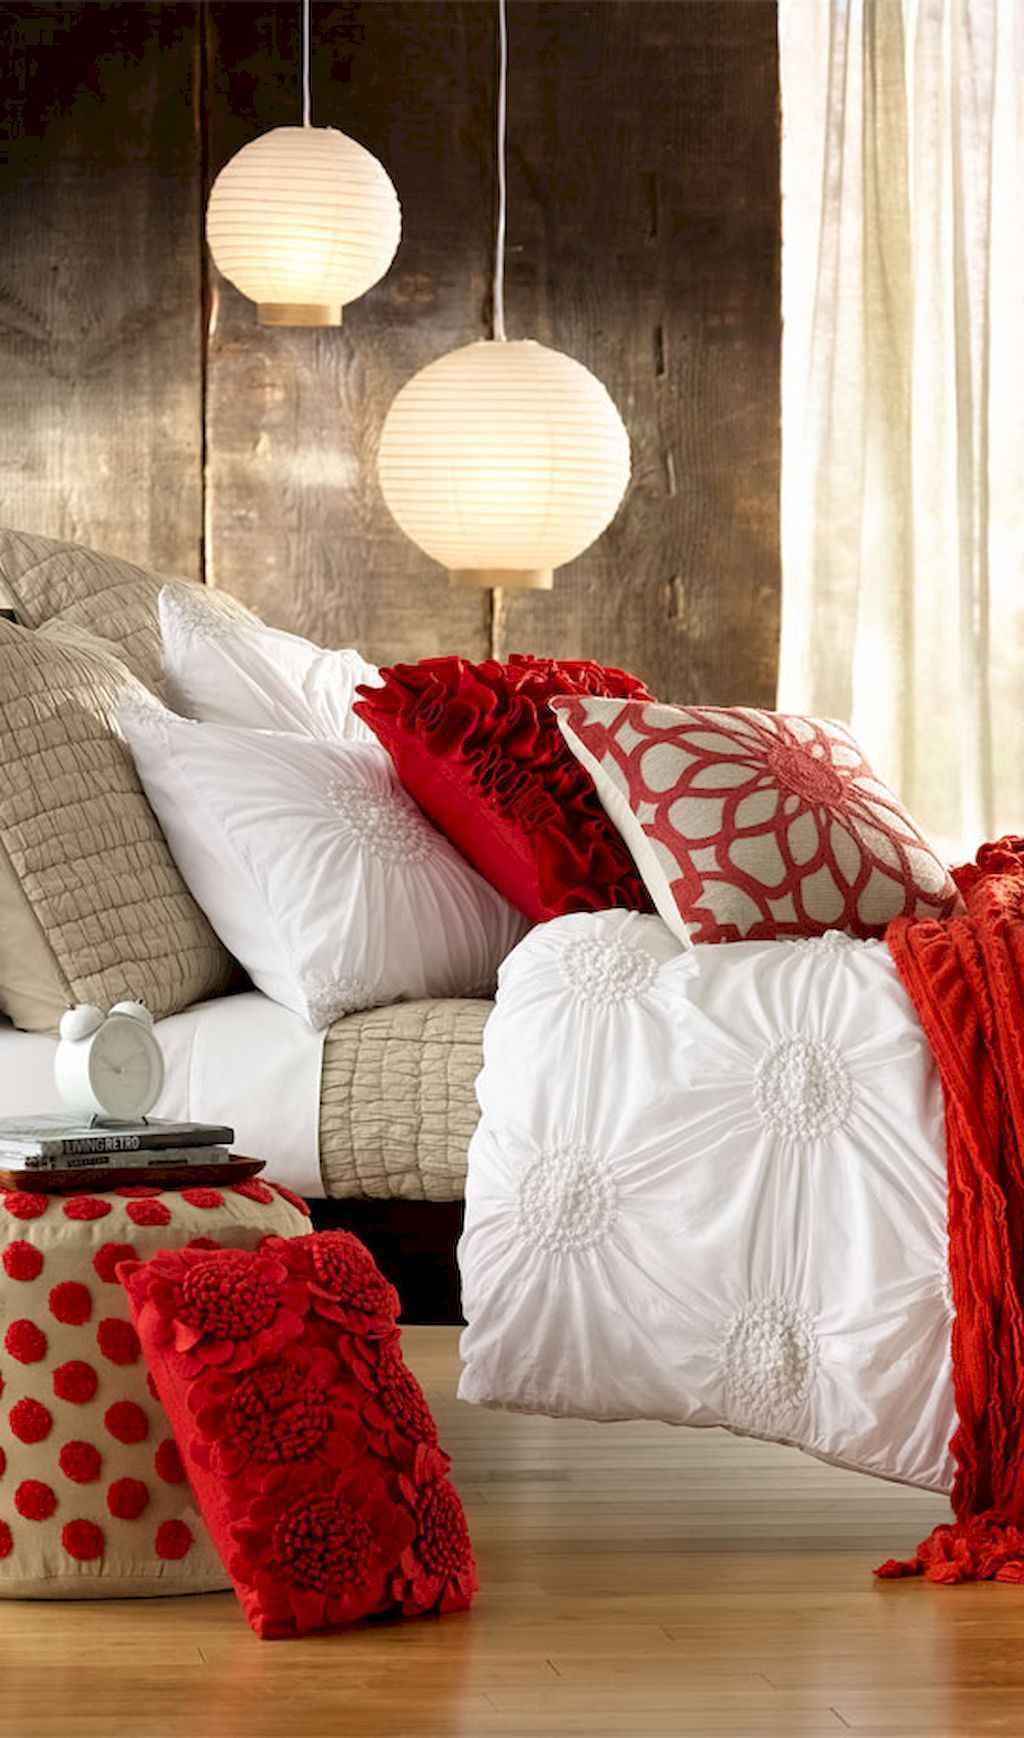 50 Romantic Valentine Bedroom Decor Ideas (25)